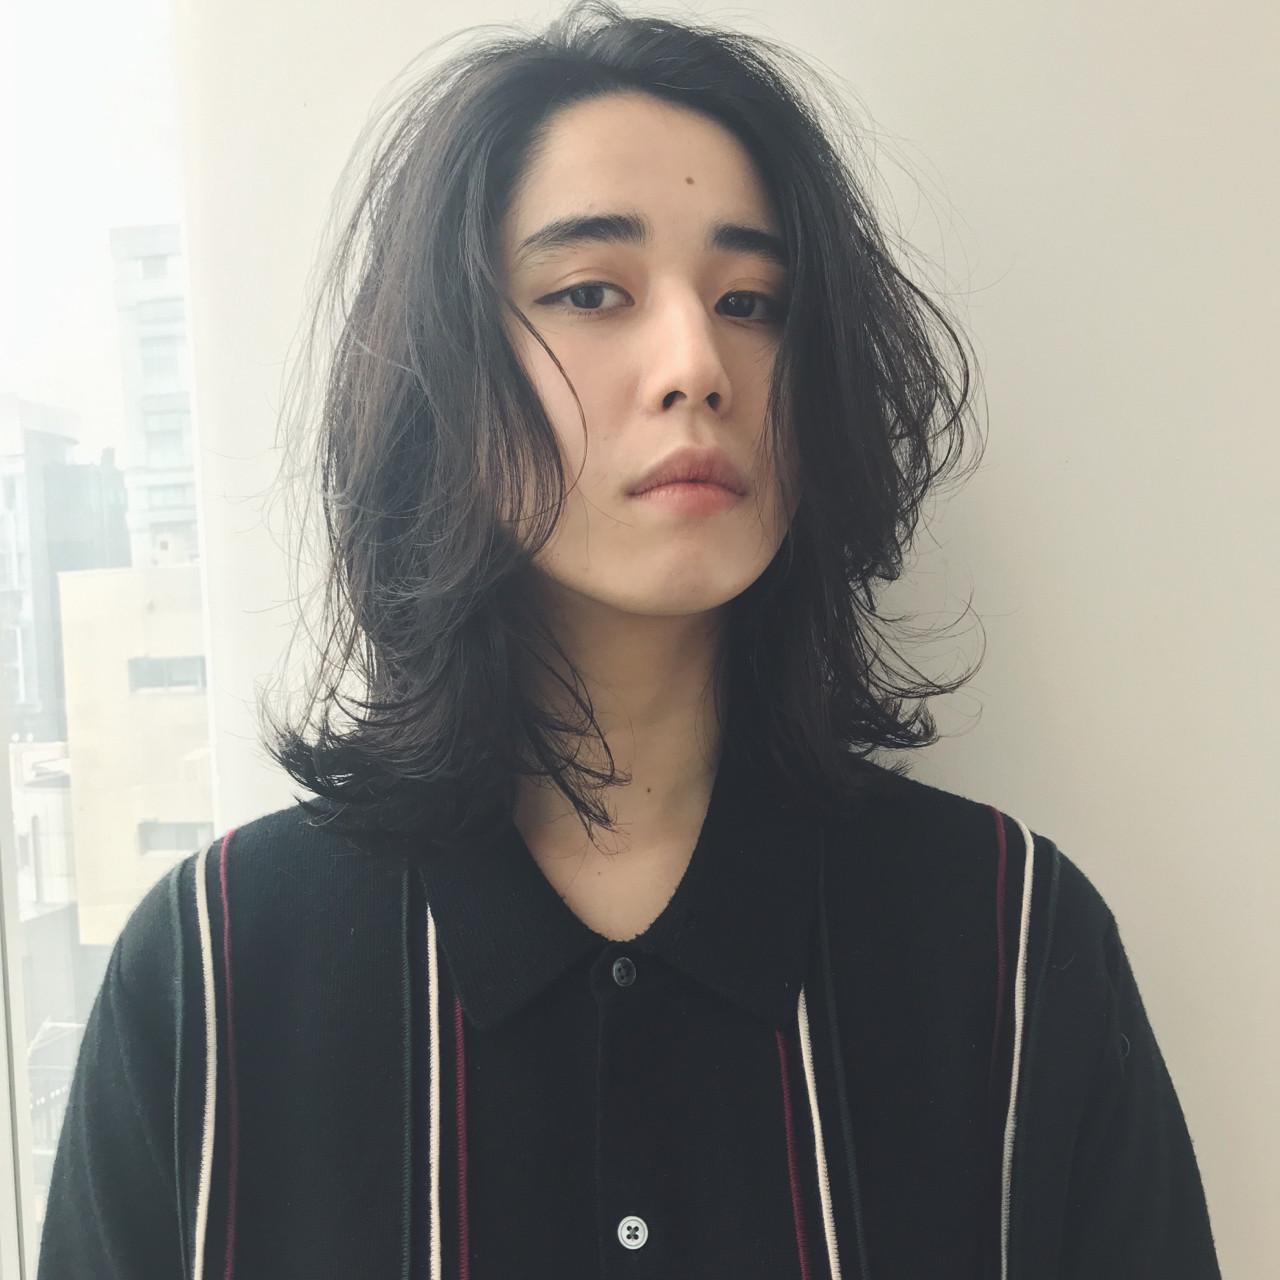 モード ミディアム ウルフカット ロブ ヘアスタイルや髪型の写真・画像